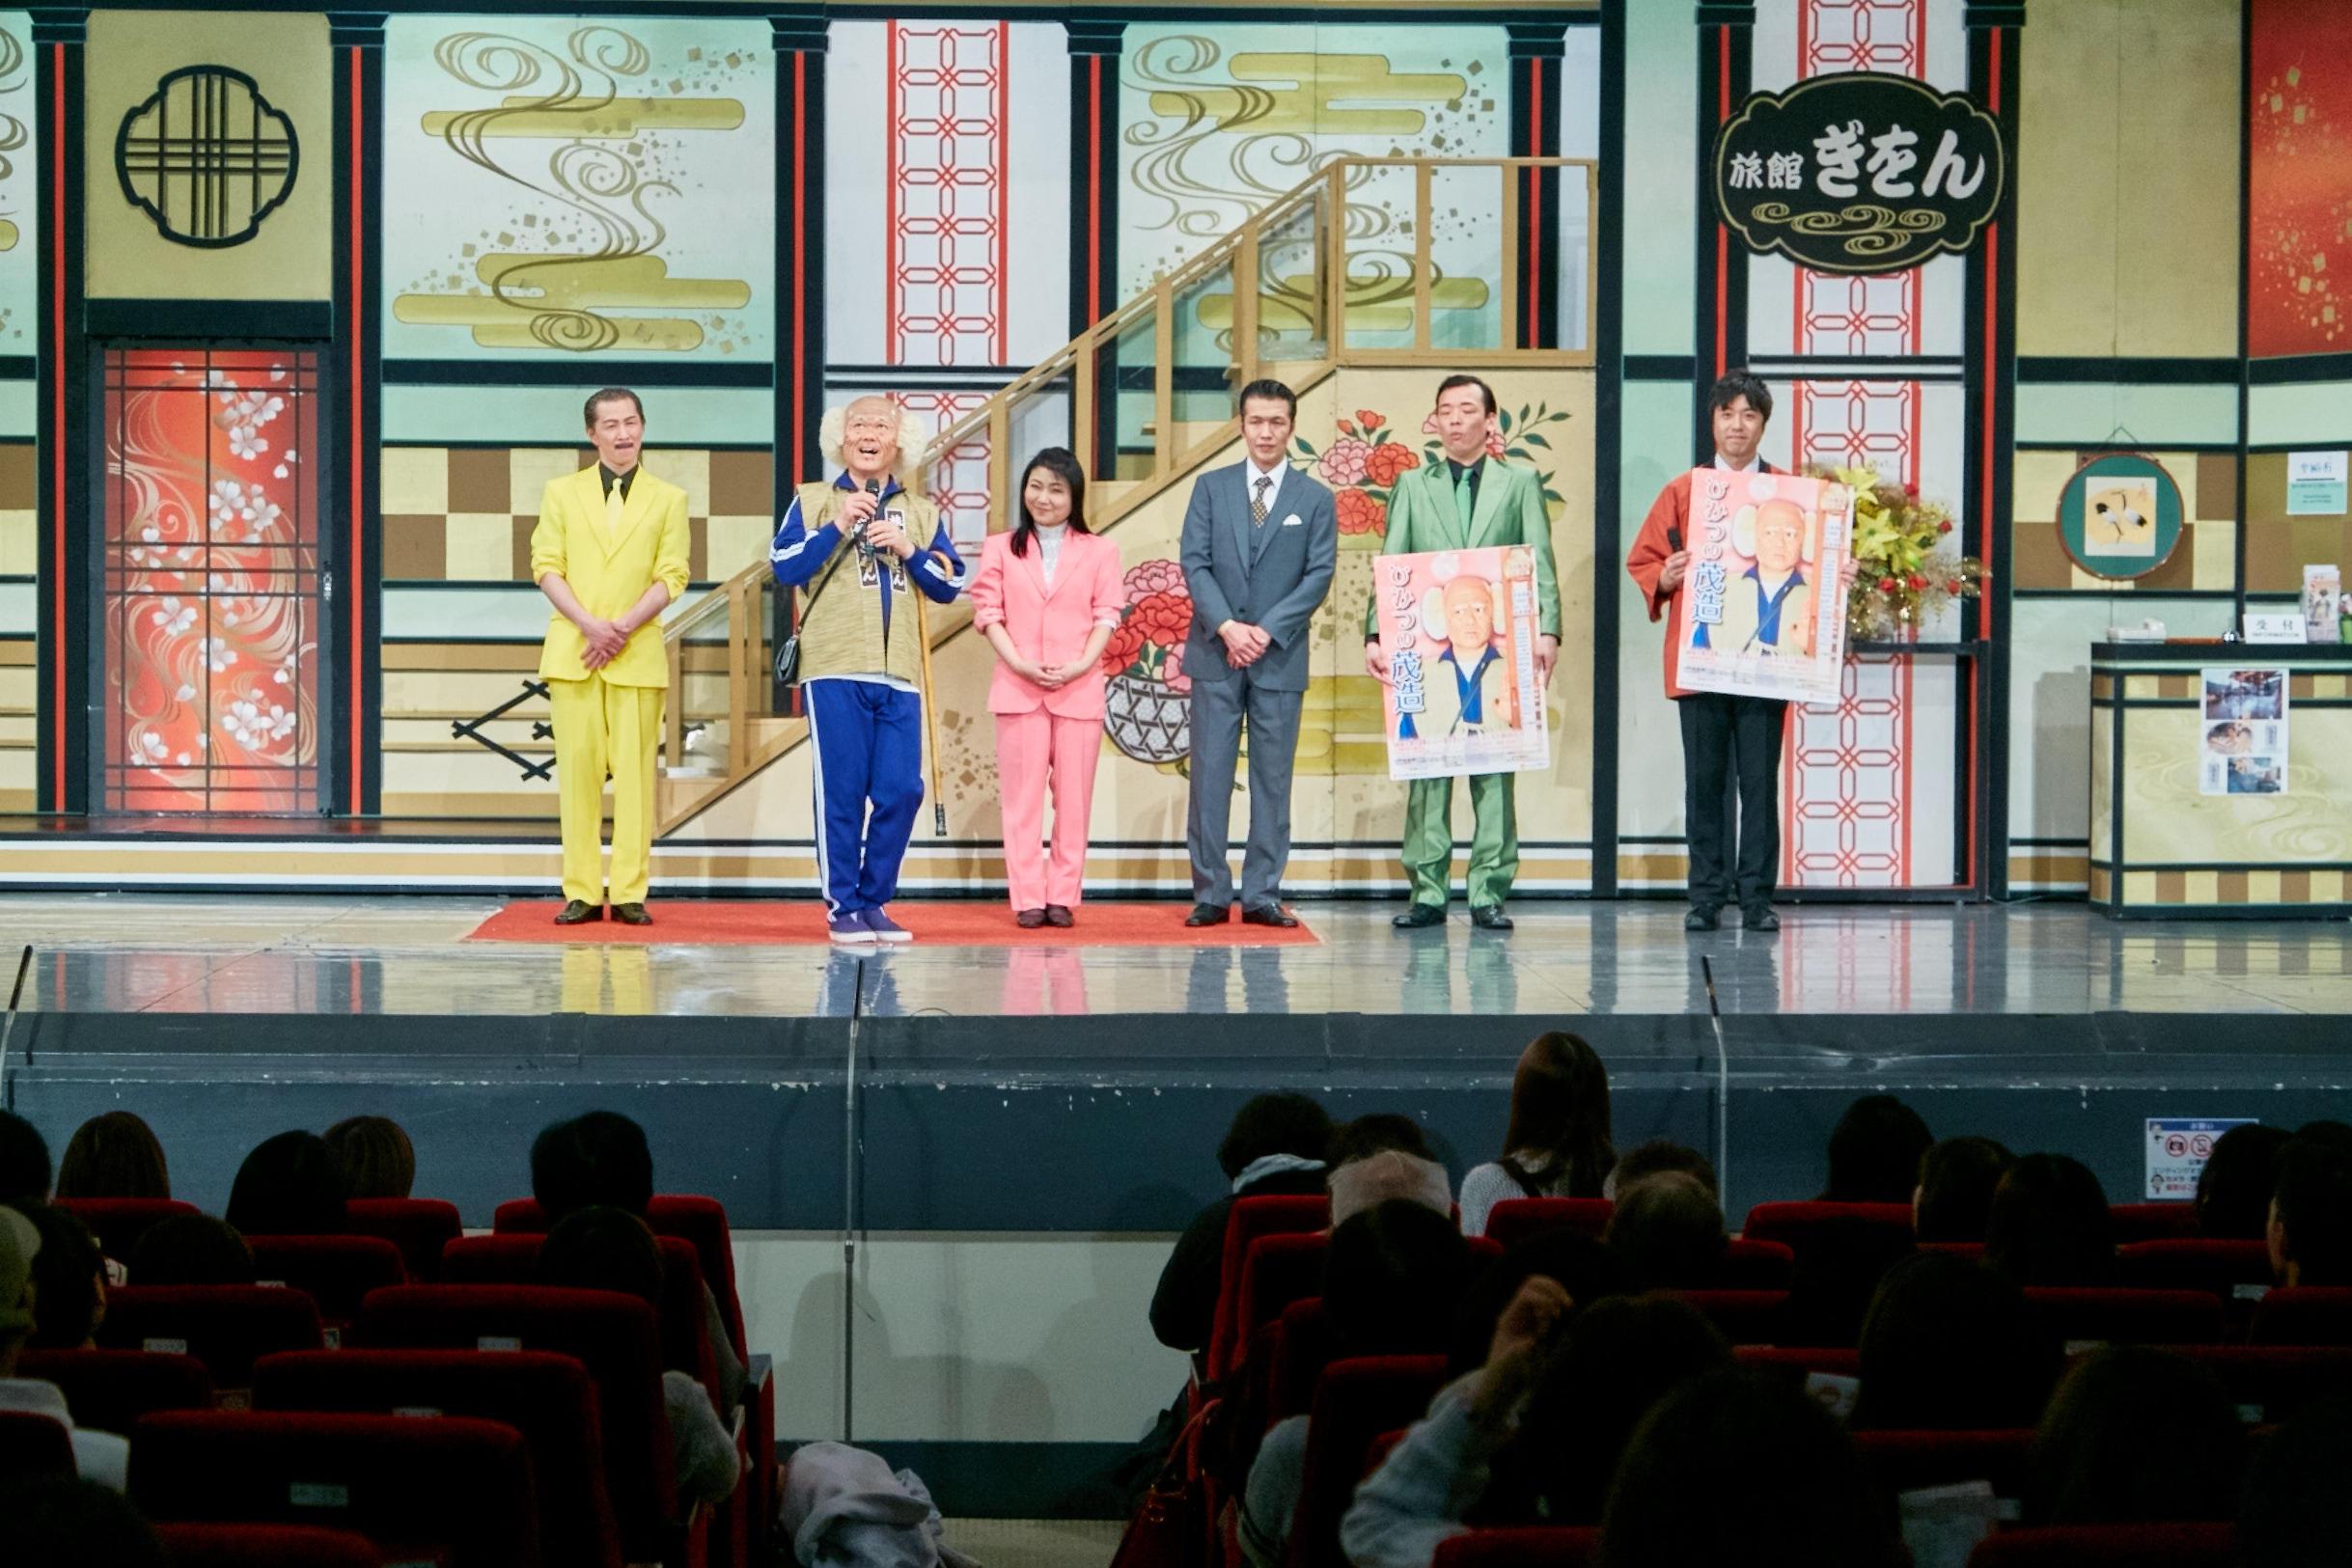 http://news.yoshimoto.co.jp/20180228003405-1868af06d214c8ec7a1e4c0e25ac43ce8820f768.jpg